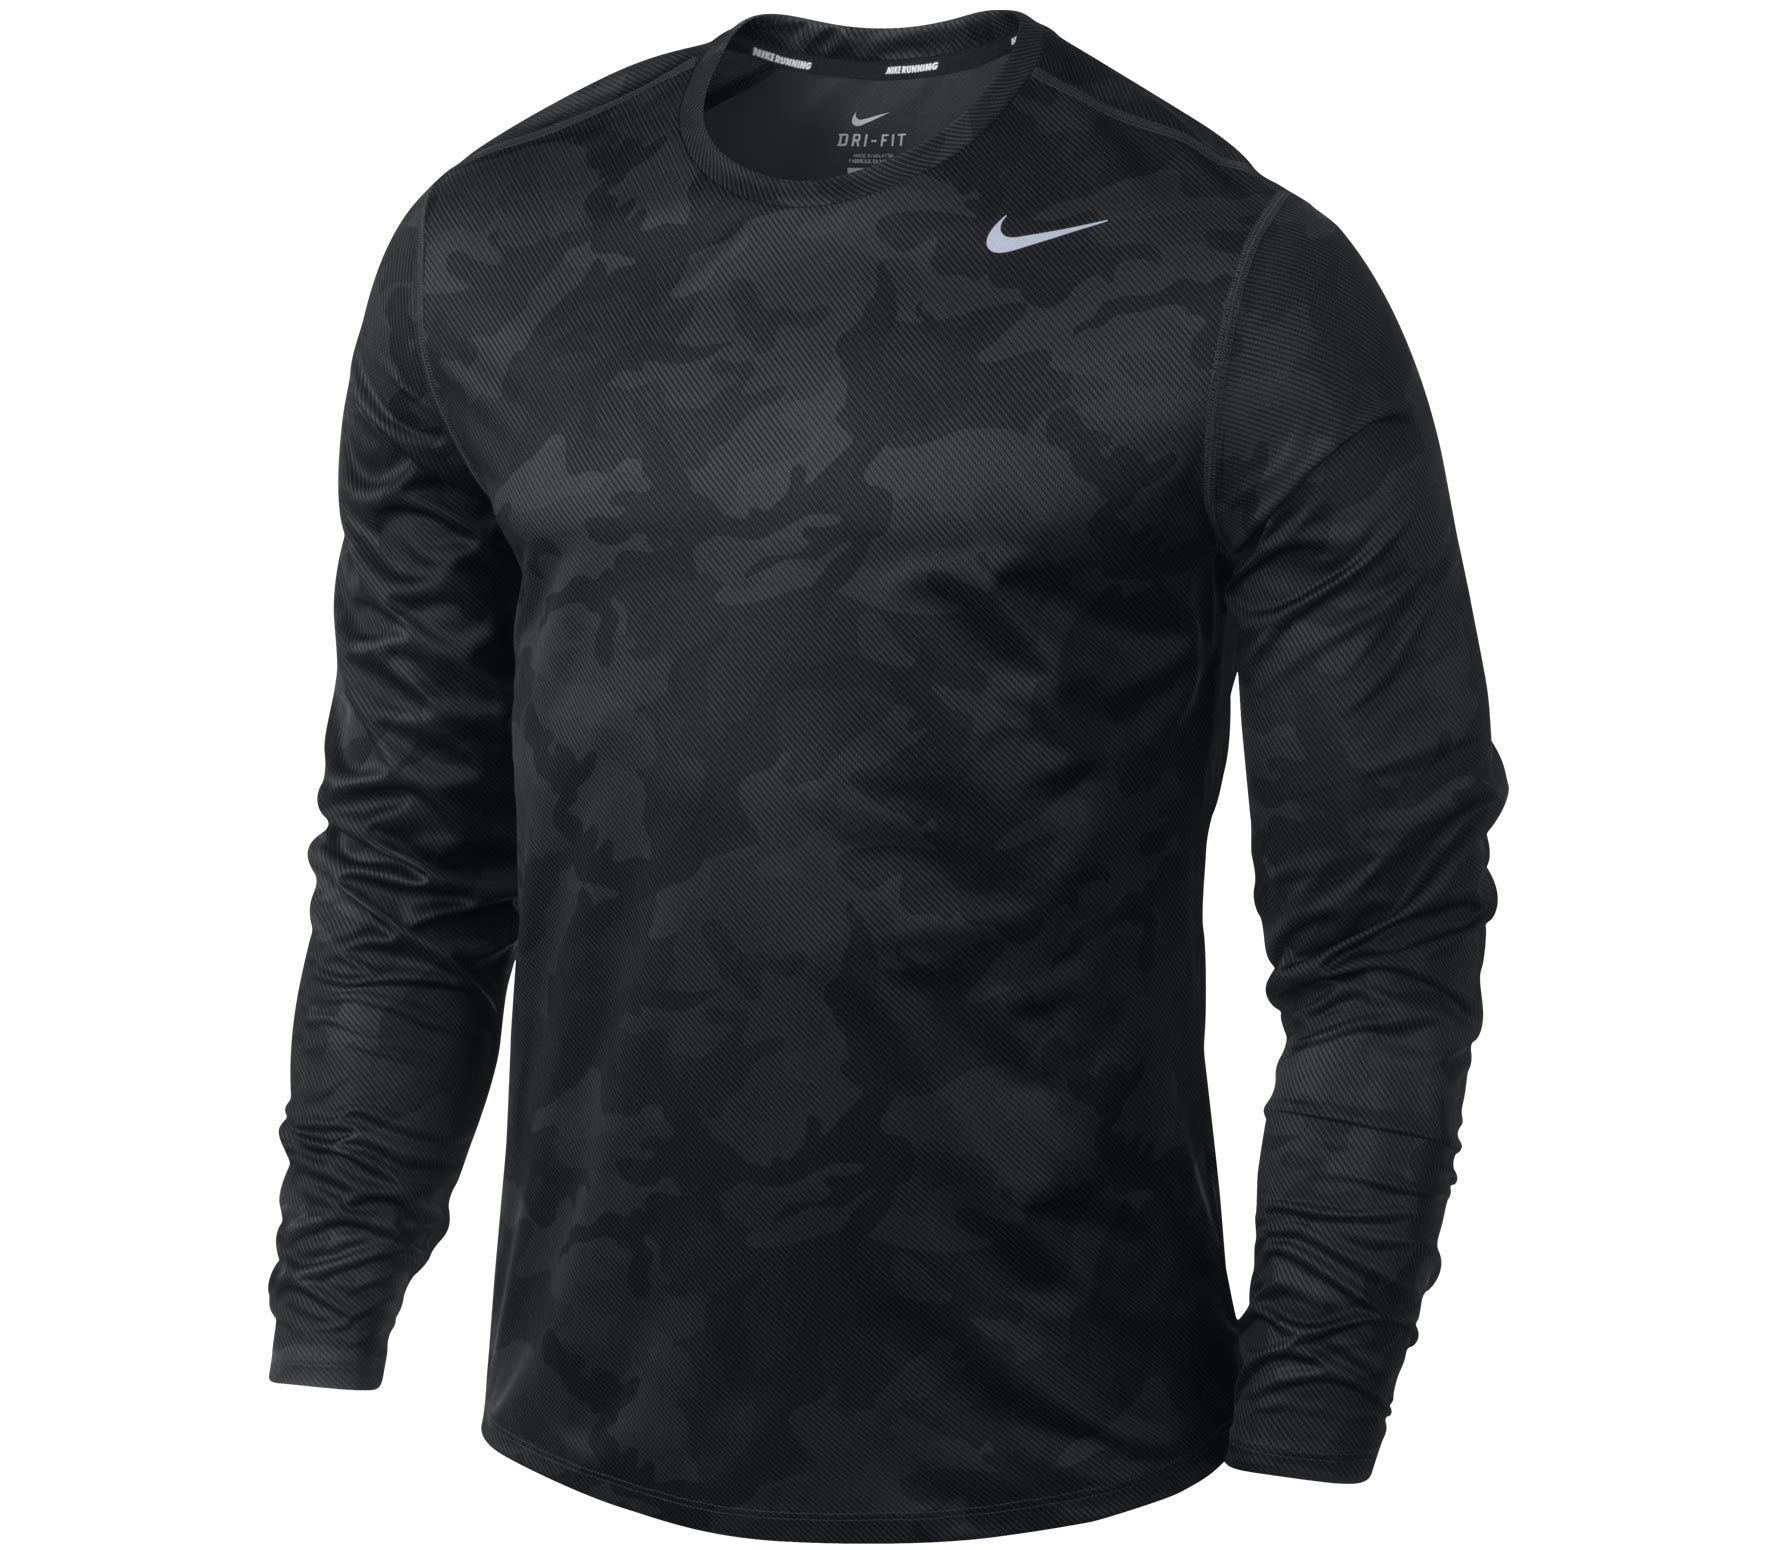 Nike - Running Shirt Men Sublimated LS Camo anthrazit